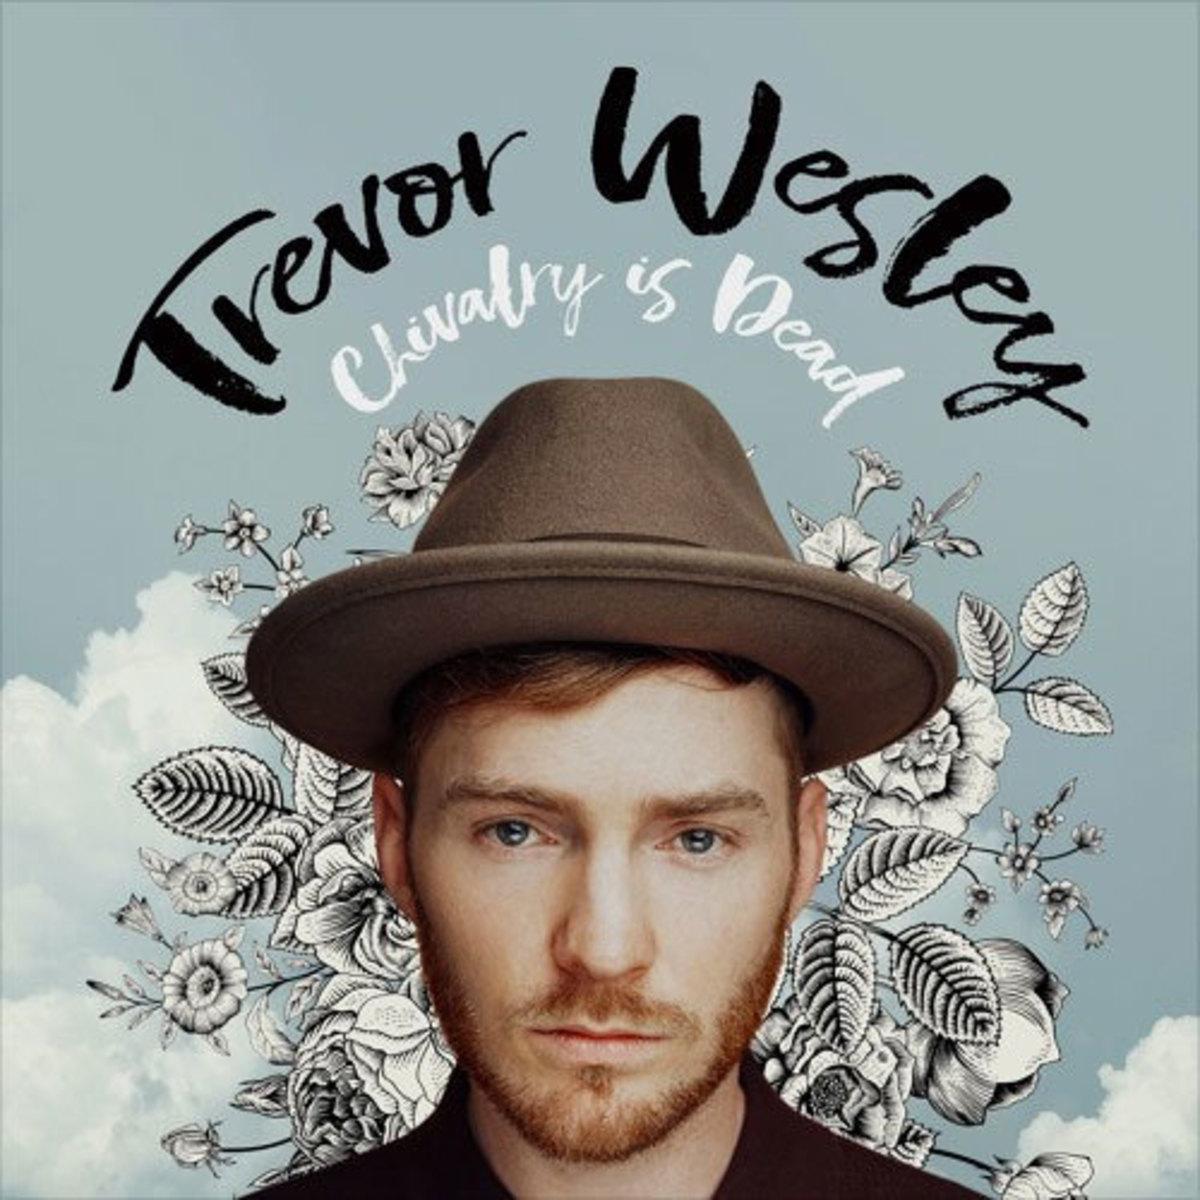 trevor-wesley-just-a-fling.jpg